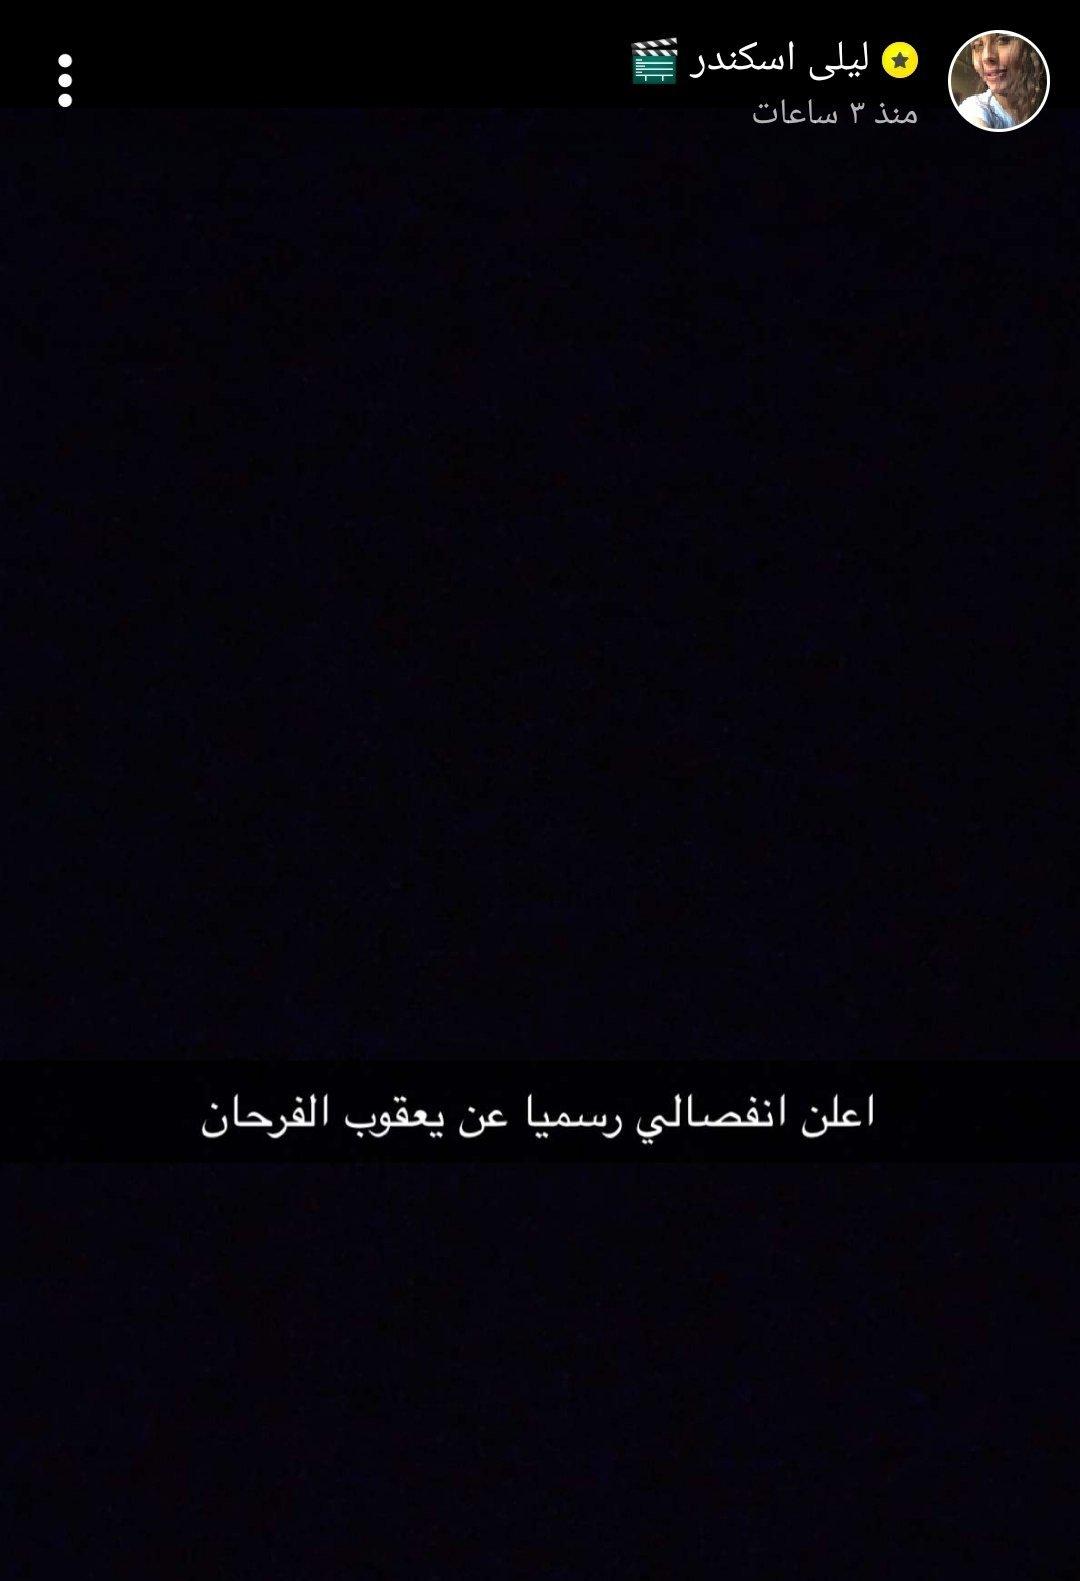 مفاجأة من العيار الثقيل.. ليلى إسكندر تعلن انفصالها عن يعقوب الفرحان بجملة واحدة